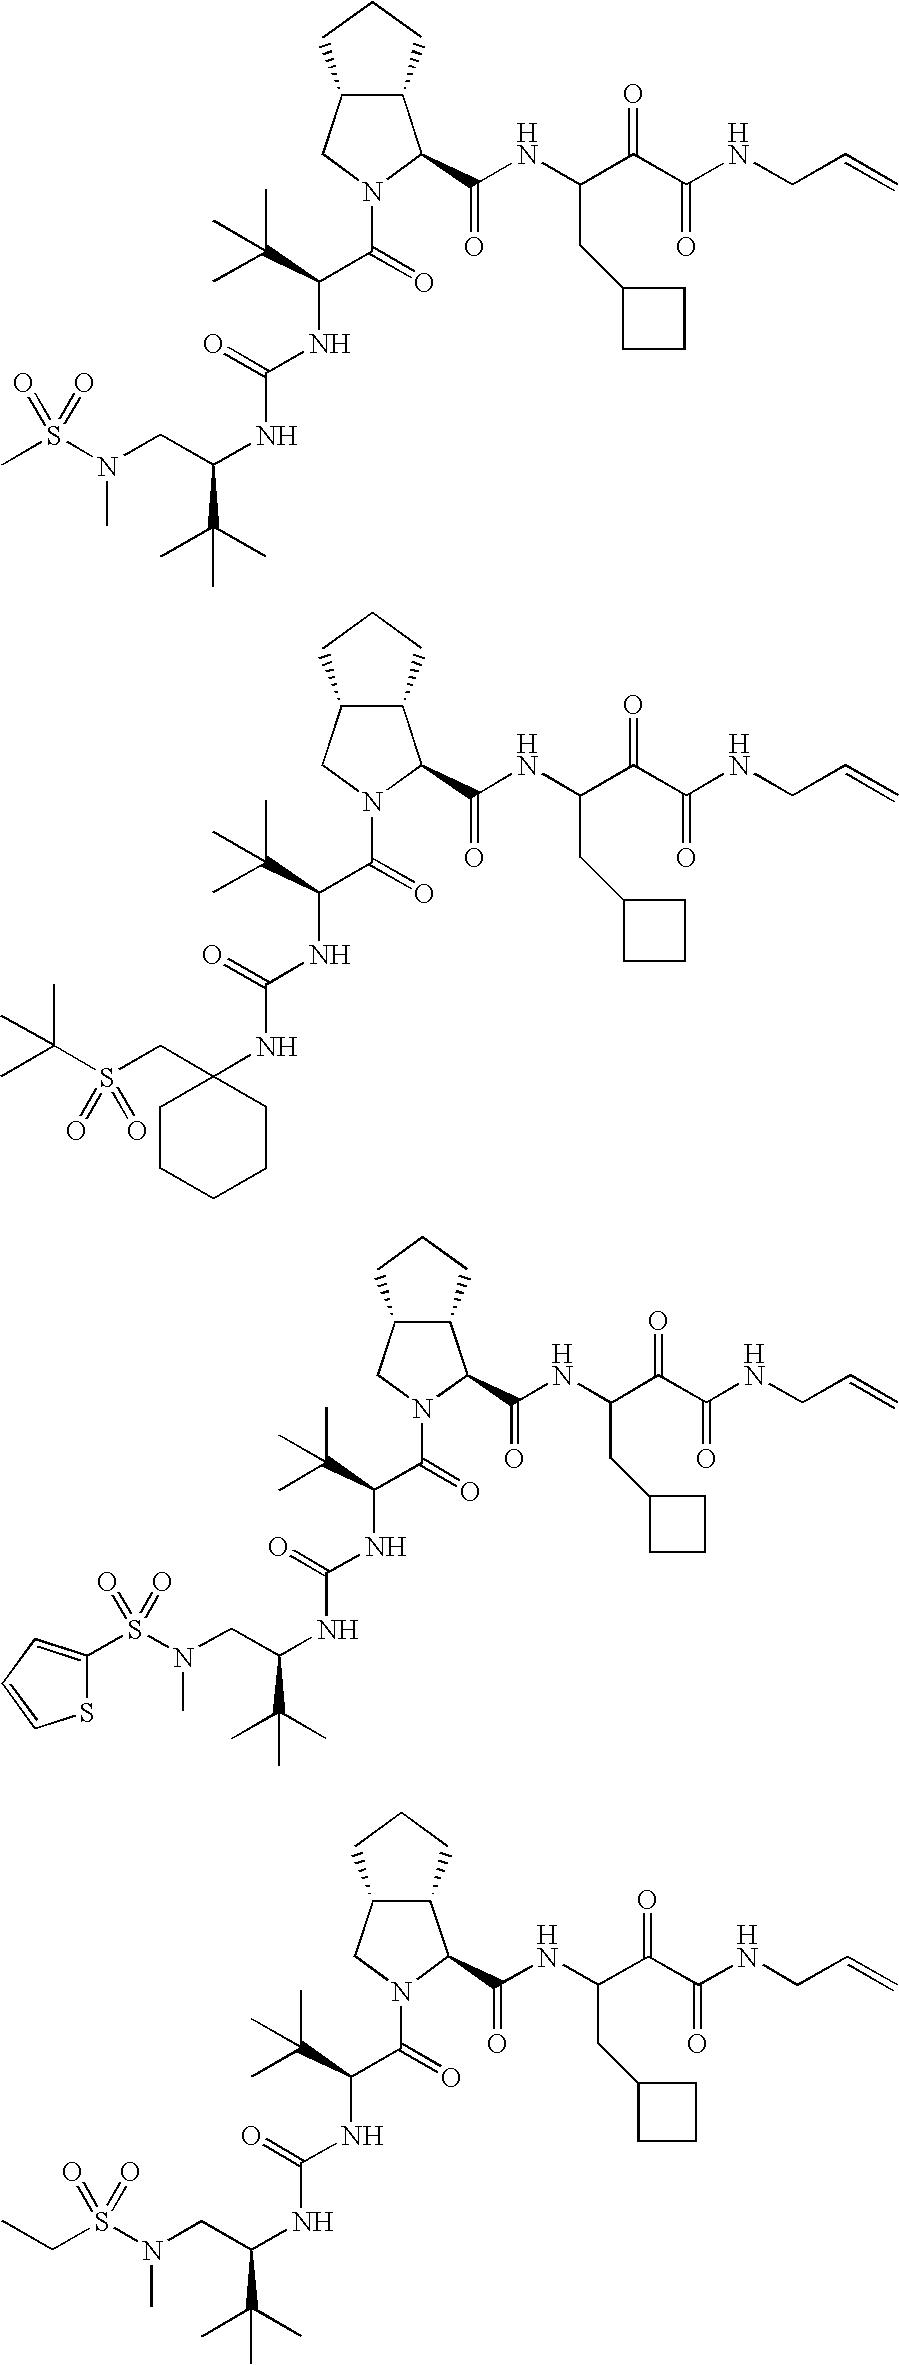 Figure US20060287248A1-20061221-C00537